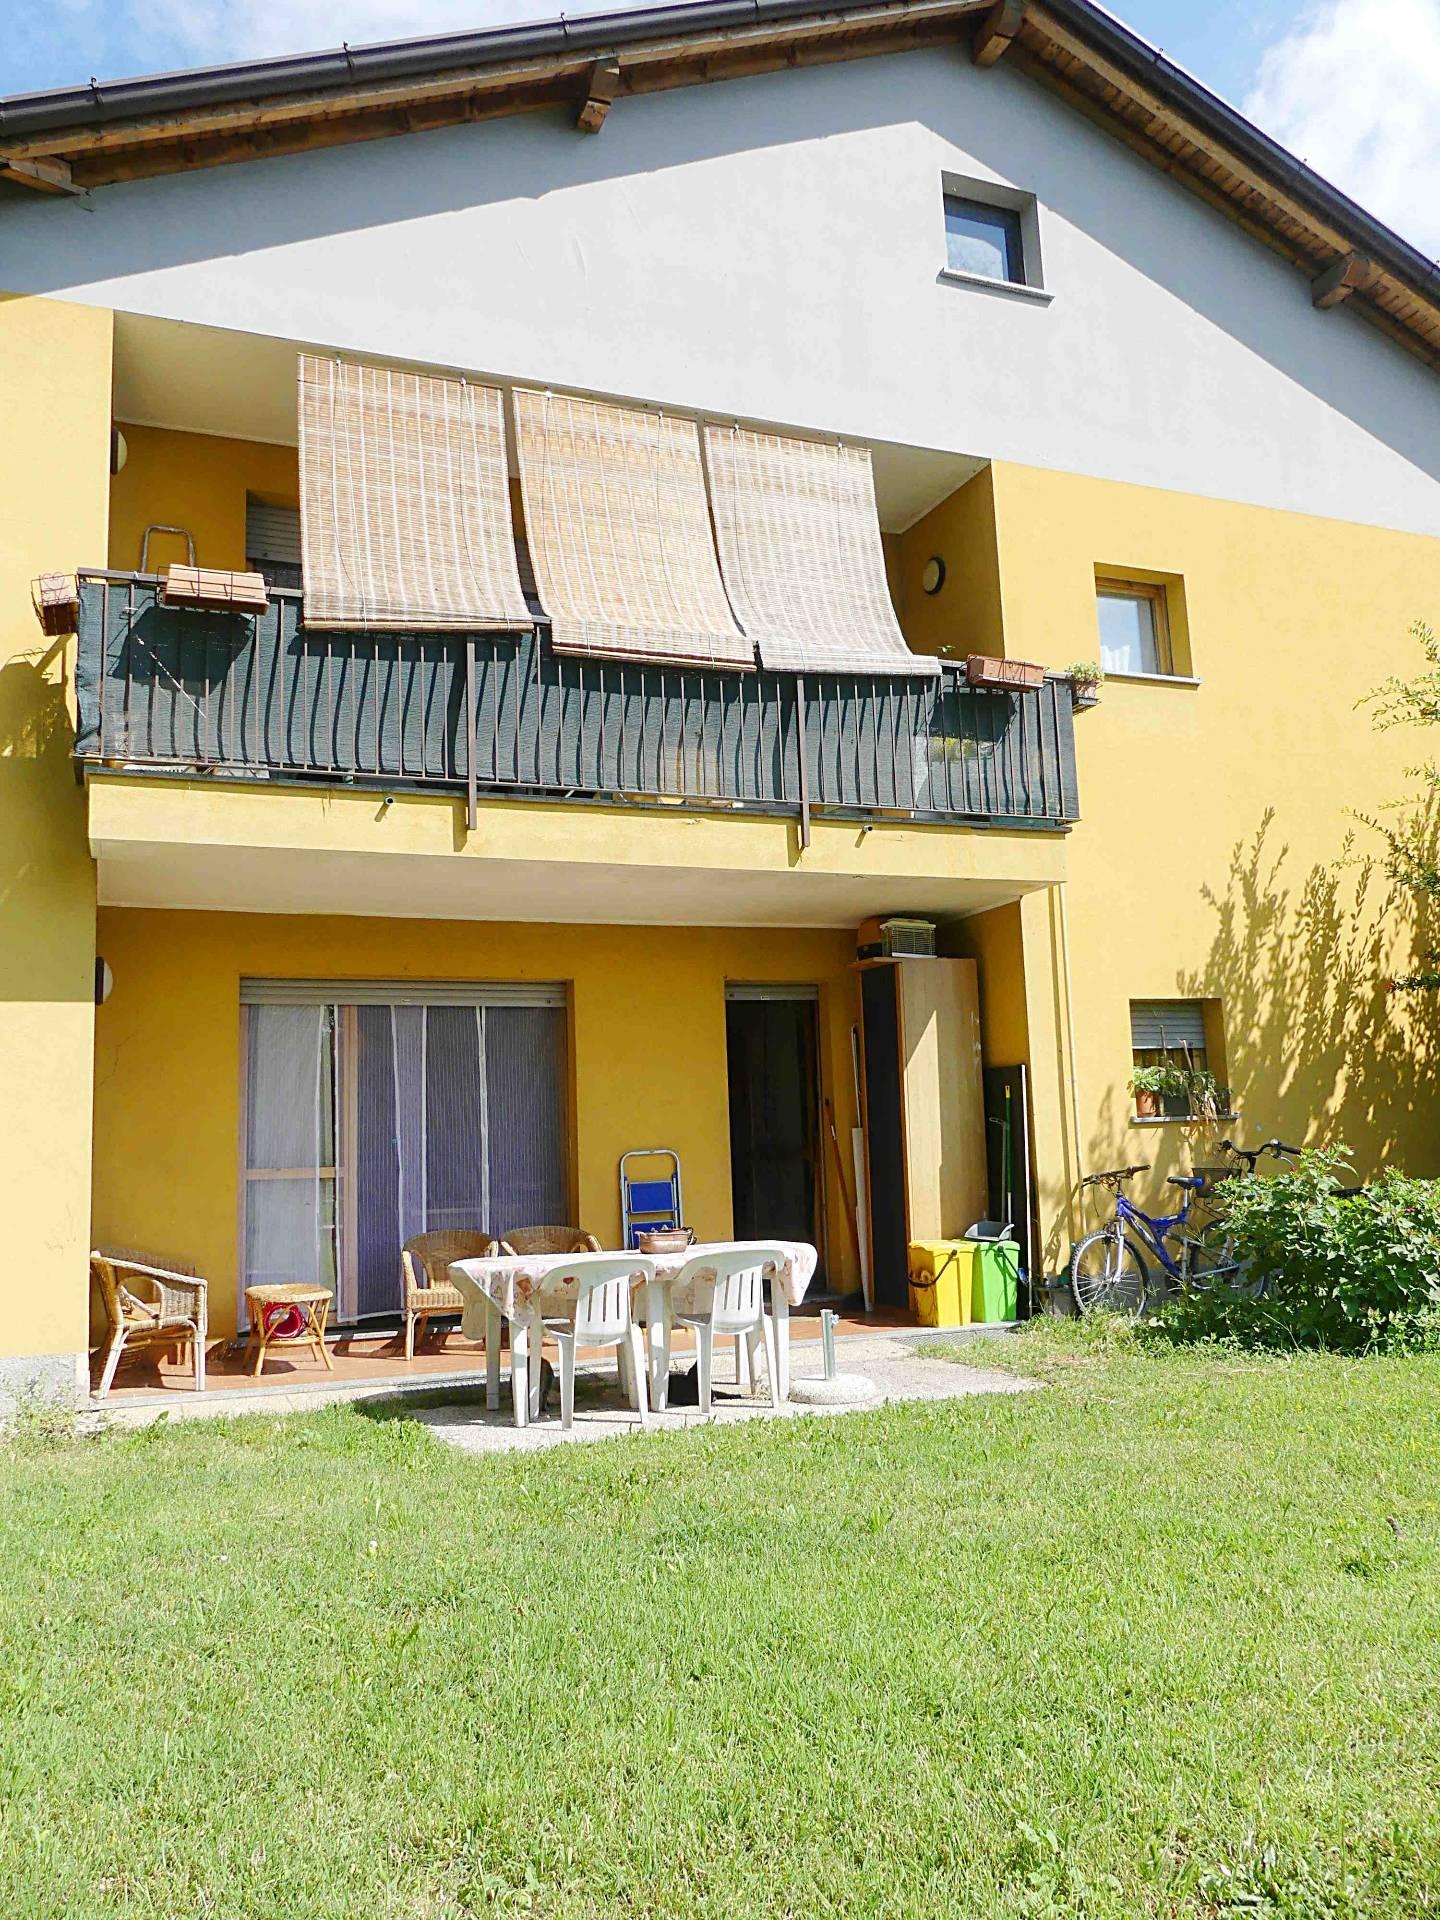 Appartamento in vendita a Tradate, 3 locali, prezzo € 112.000 | PortaleAgenzieImmobiliari.it